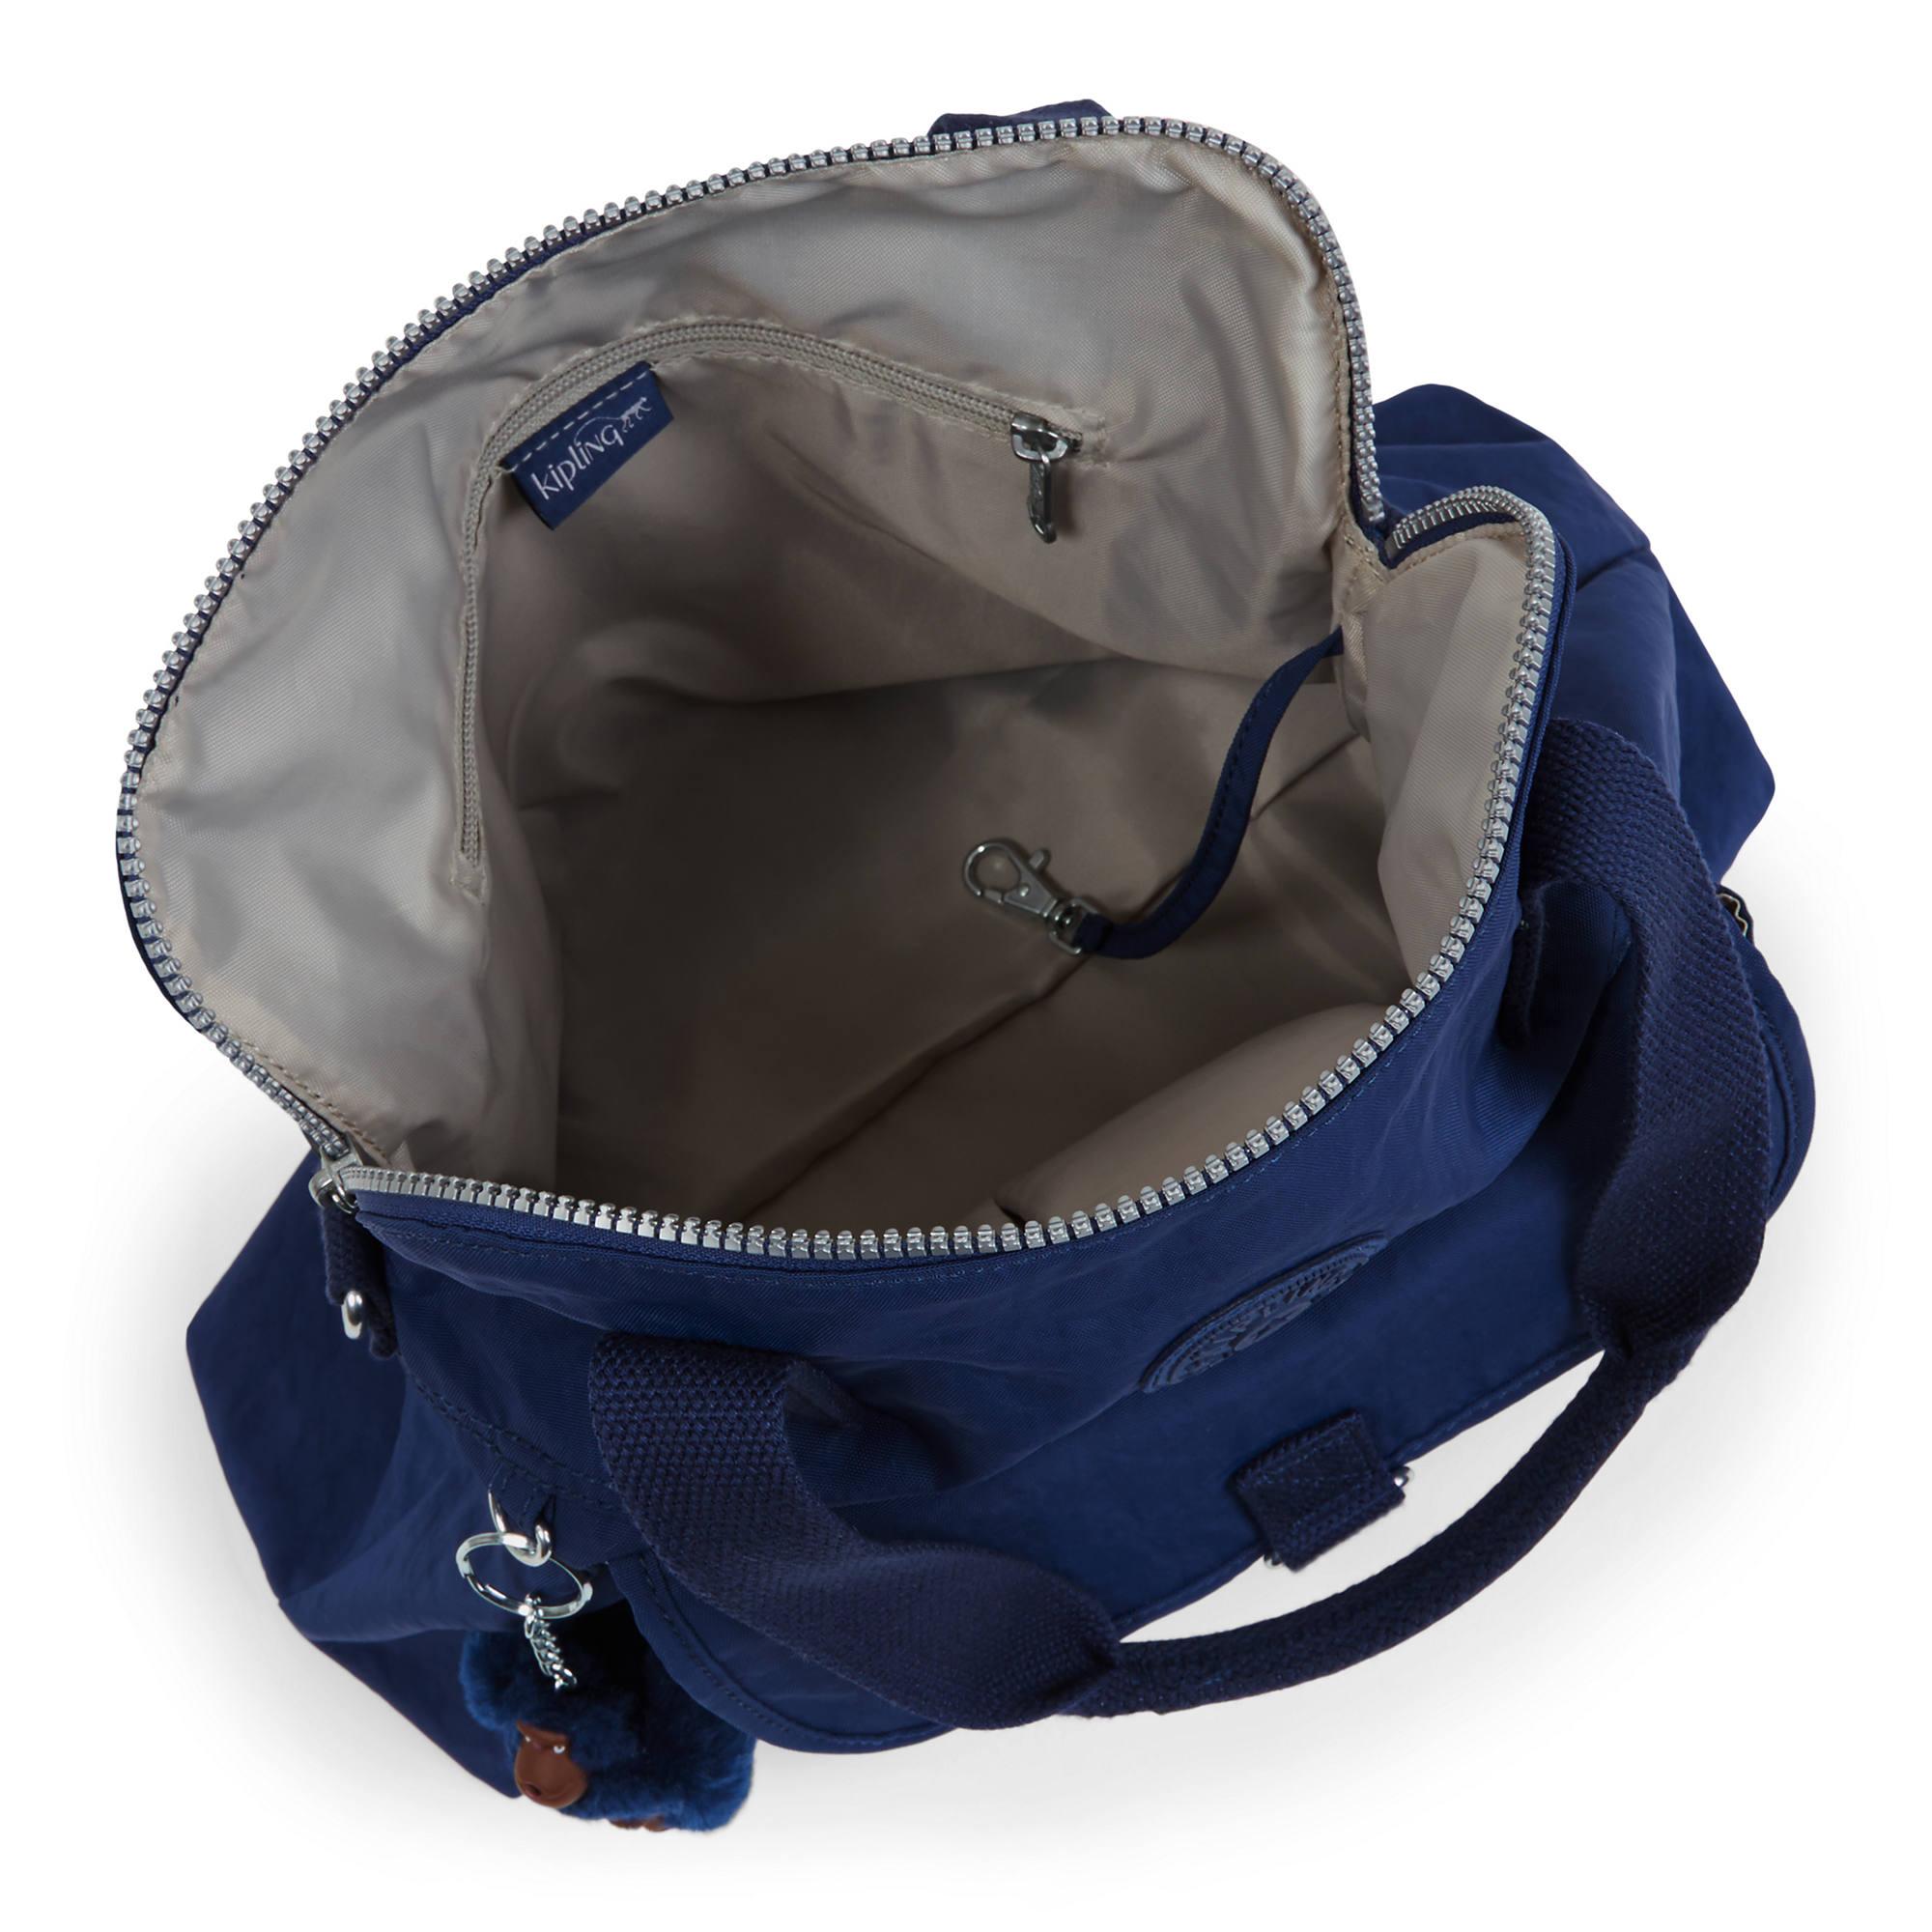 Pahneiro Handbag,Ink Blue,large-zoomed